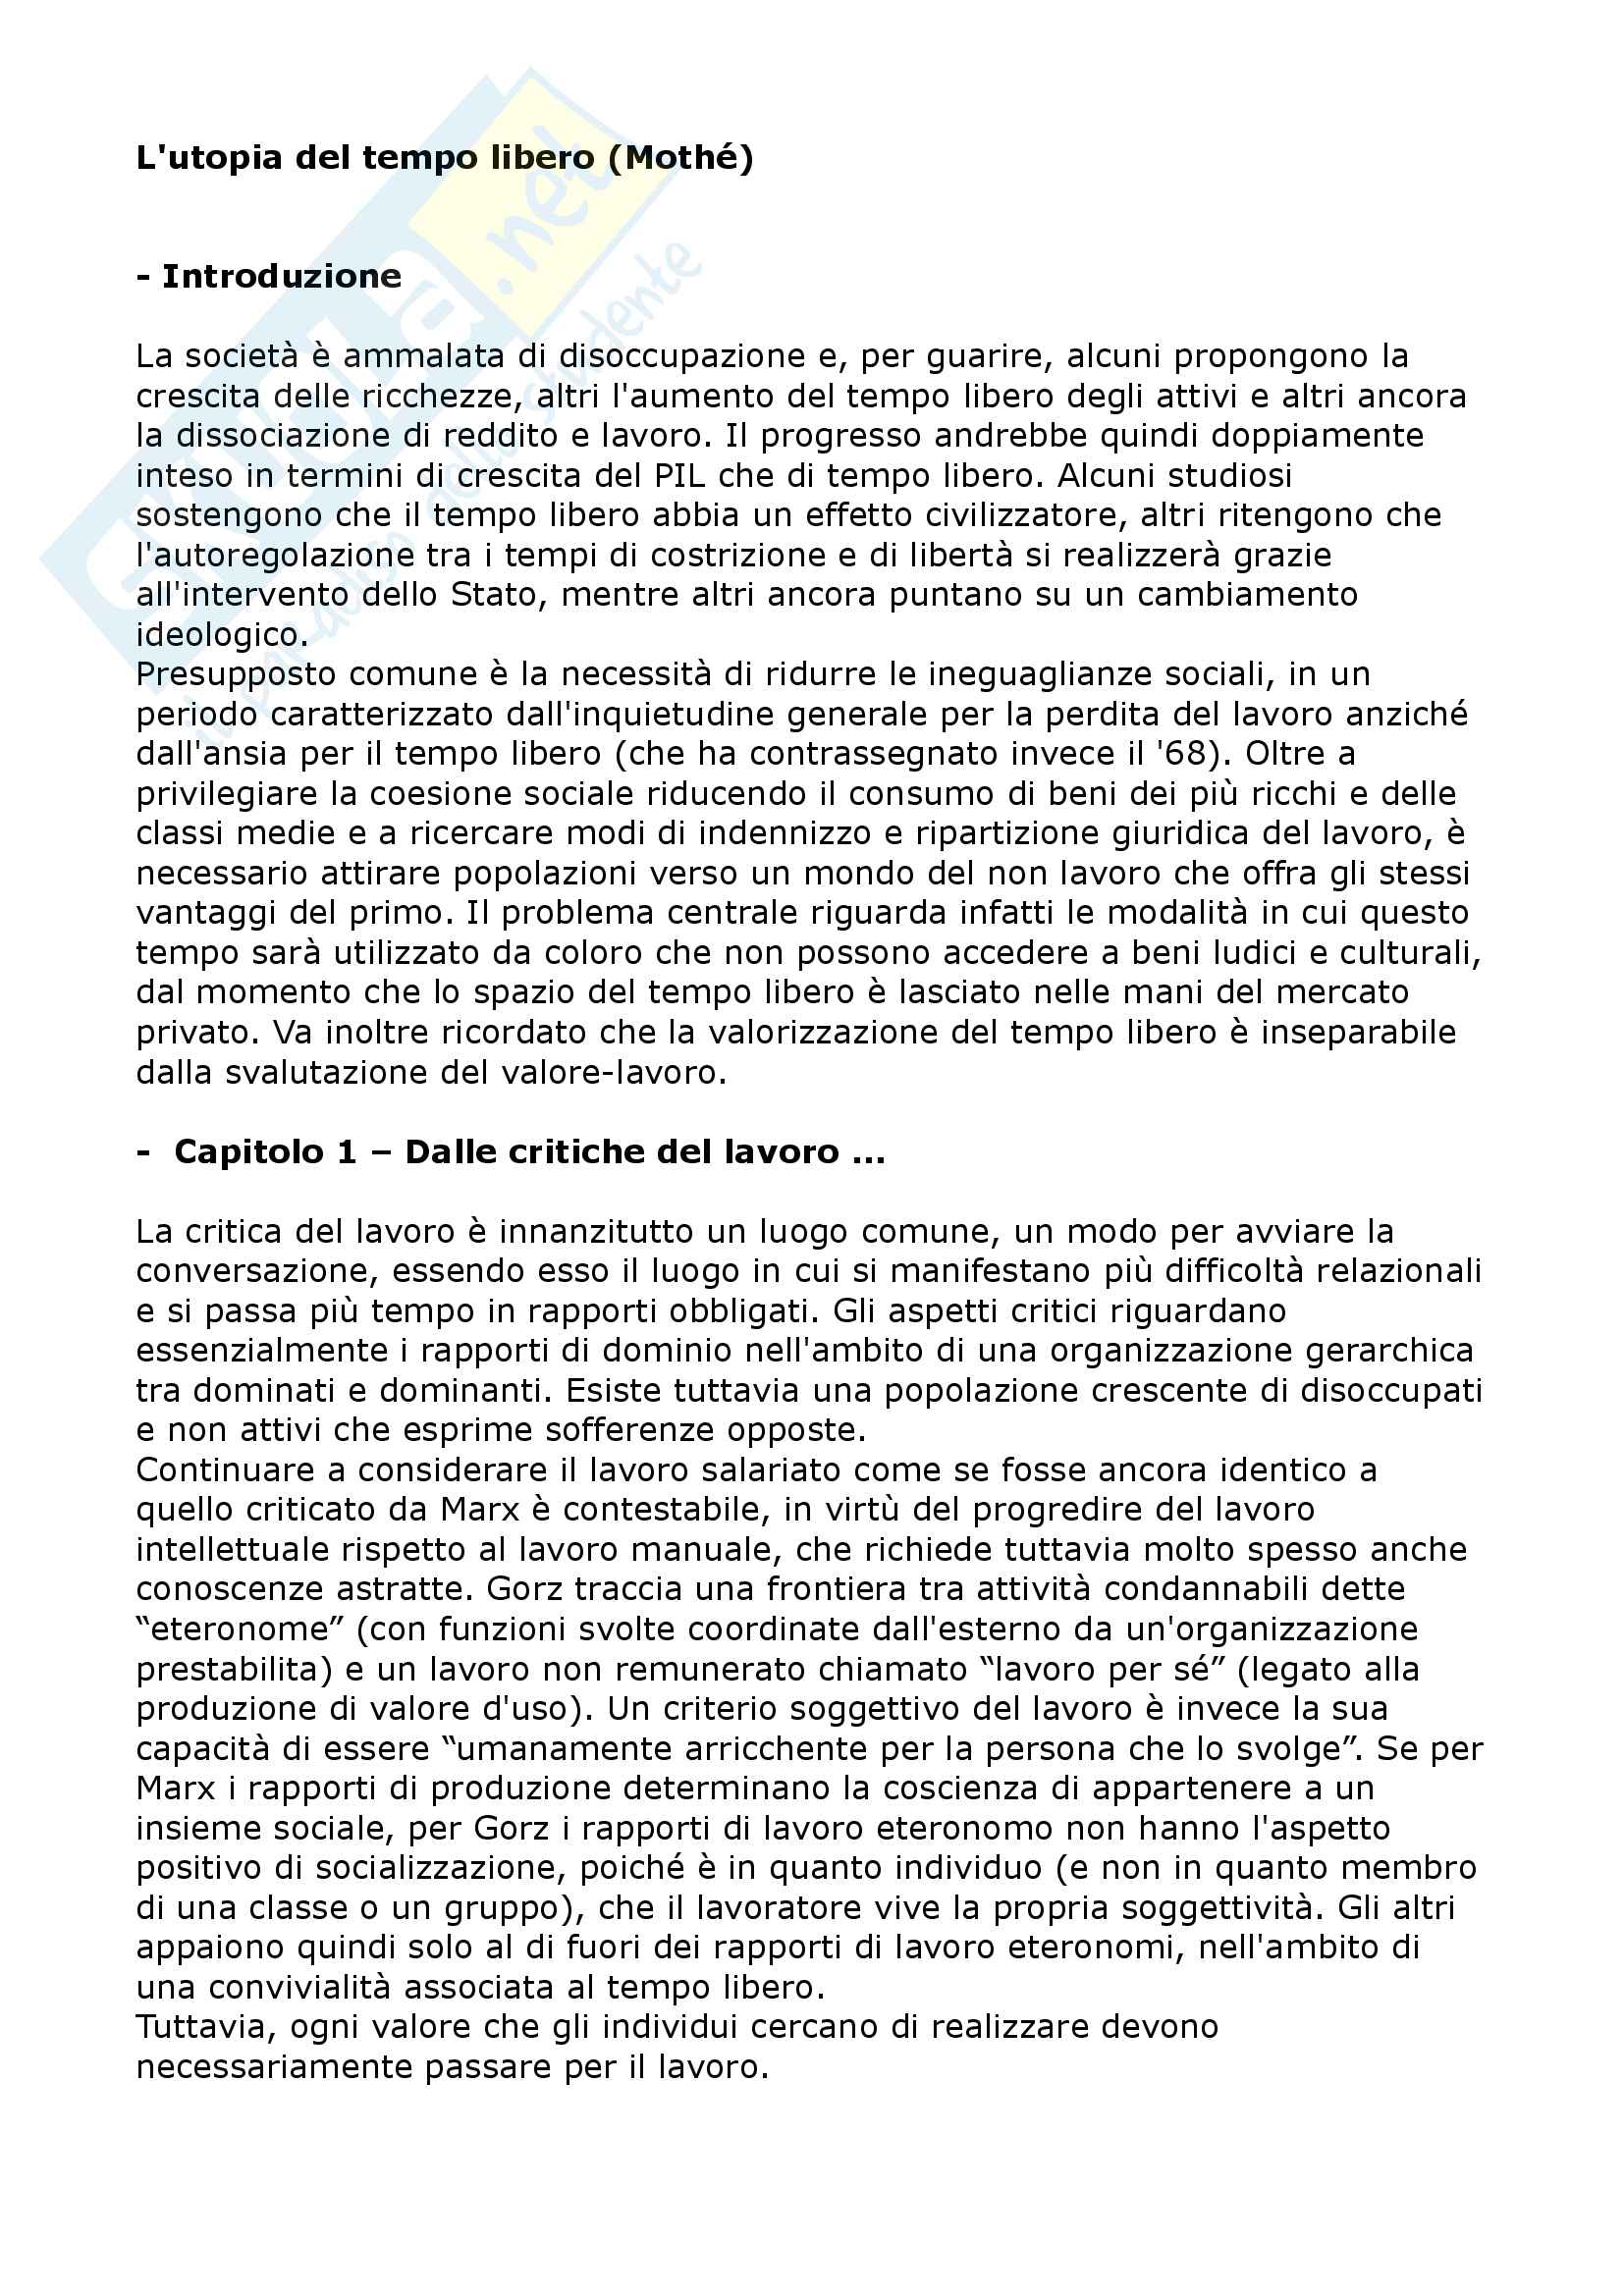 Riassunto esame Sociologia del tempo libero, prof. Russo, libro consigliato L'utopia del tempo libero, Mothé